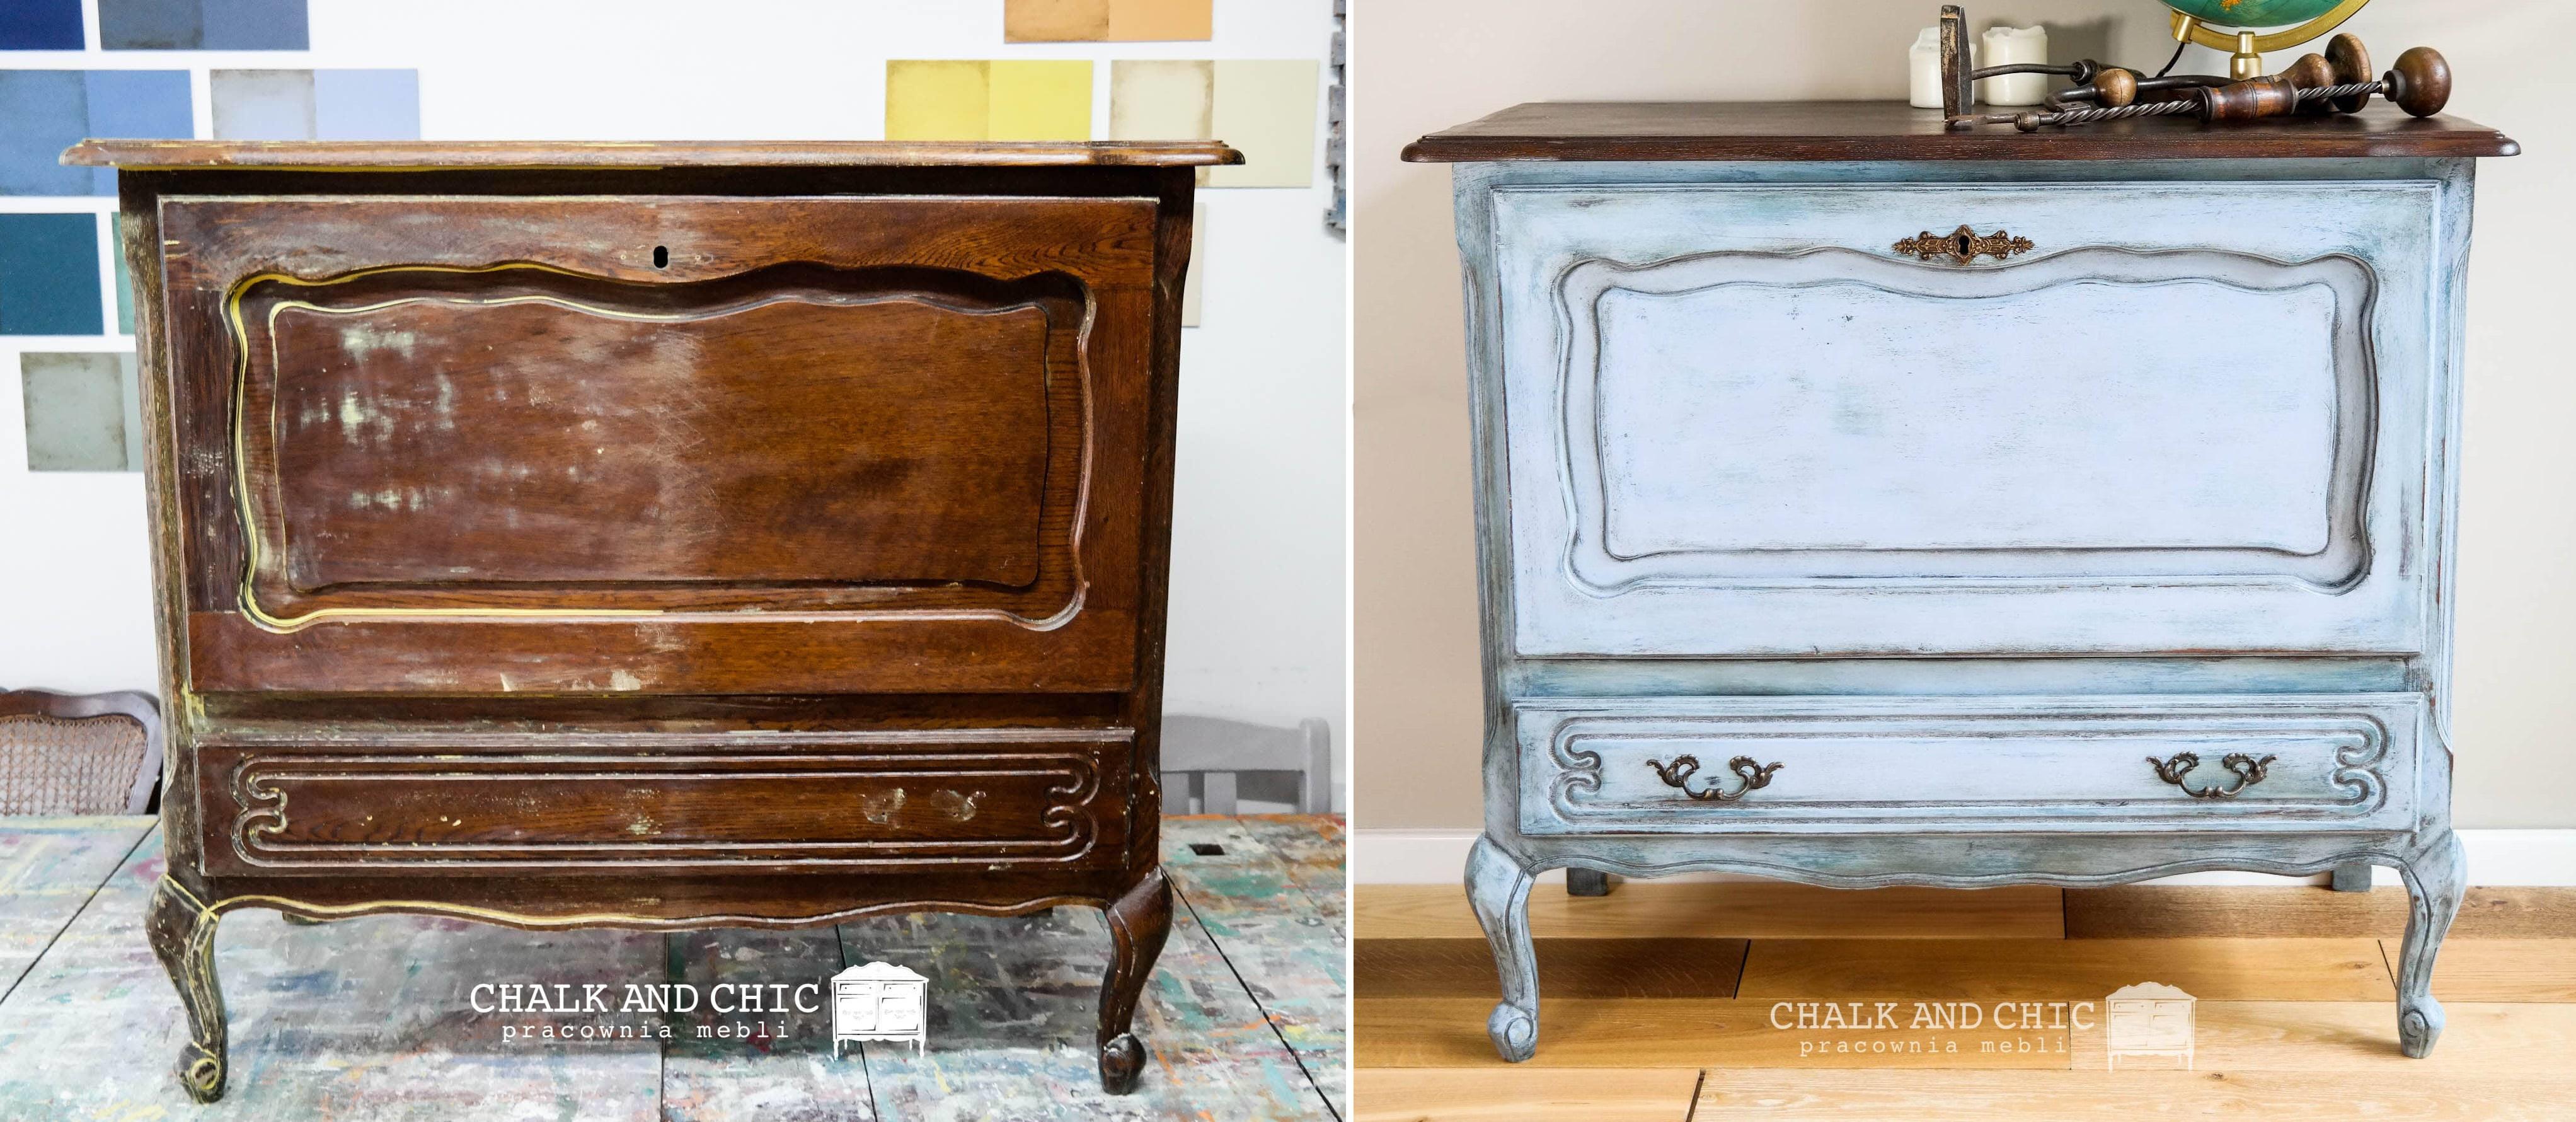 jak odnowić mebel w stylu vintage? malowanie, bejcowanie, krok po kroku